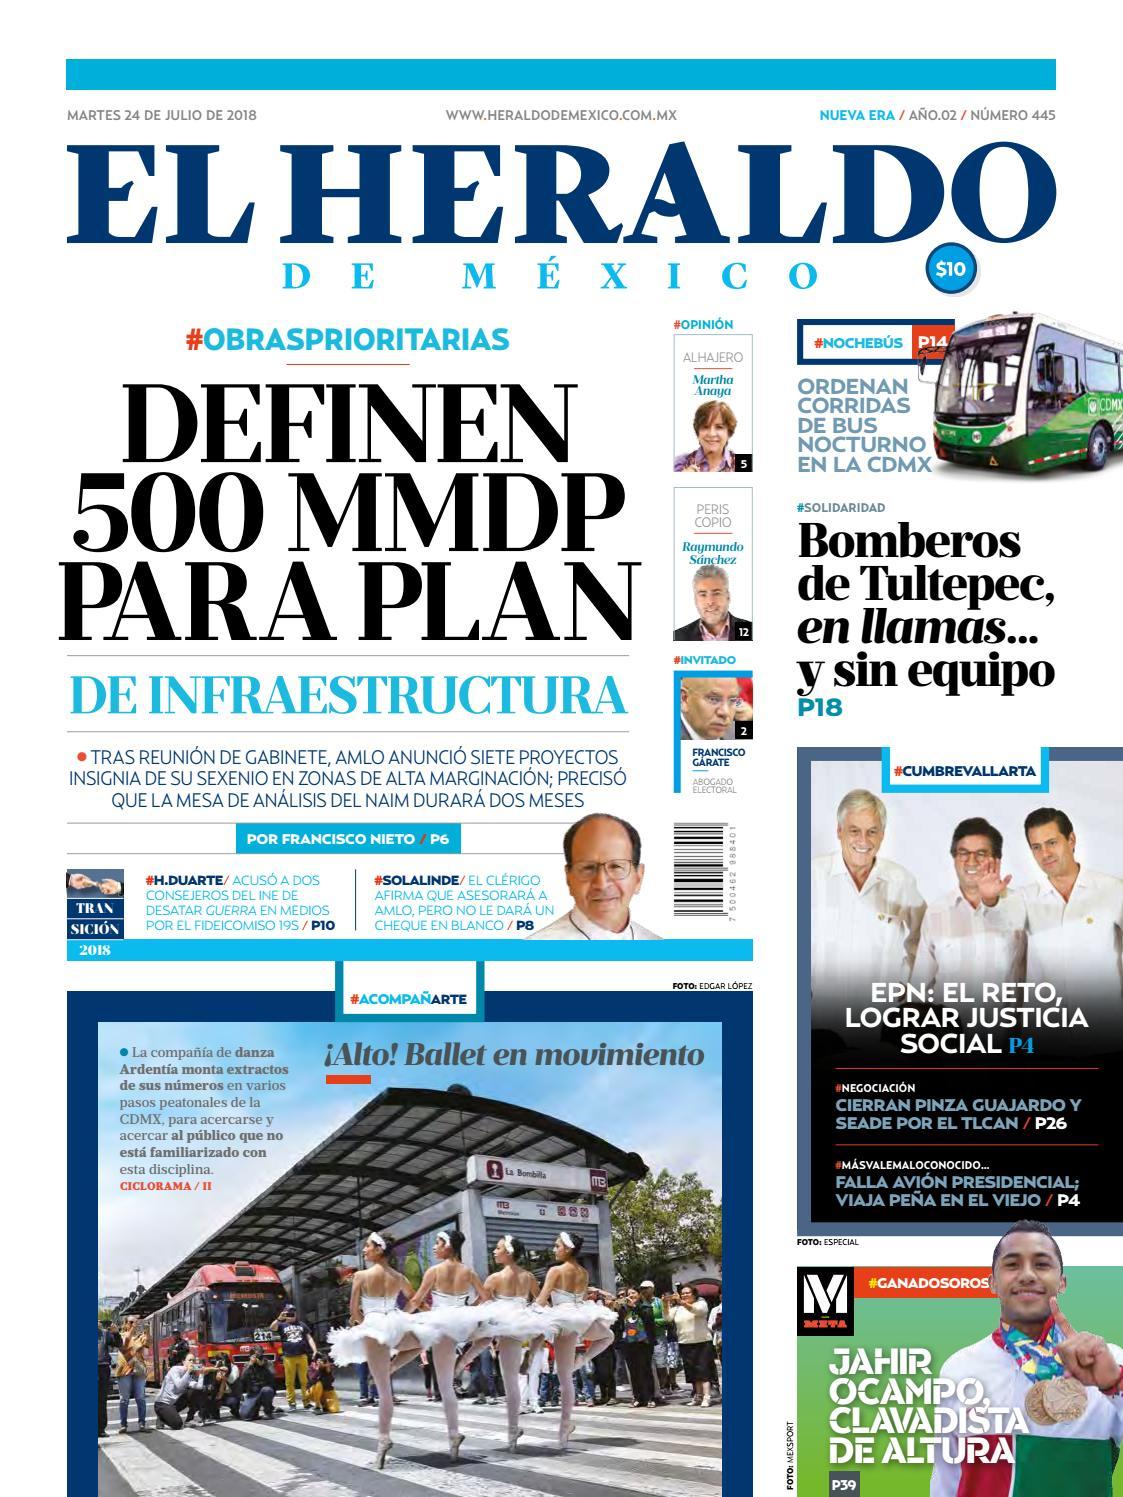 24 de julio de 2018 by El Heraldo de México - issuu 6c908e8ff0ddb